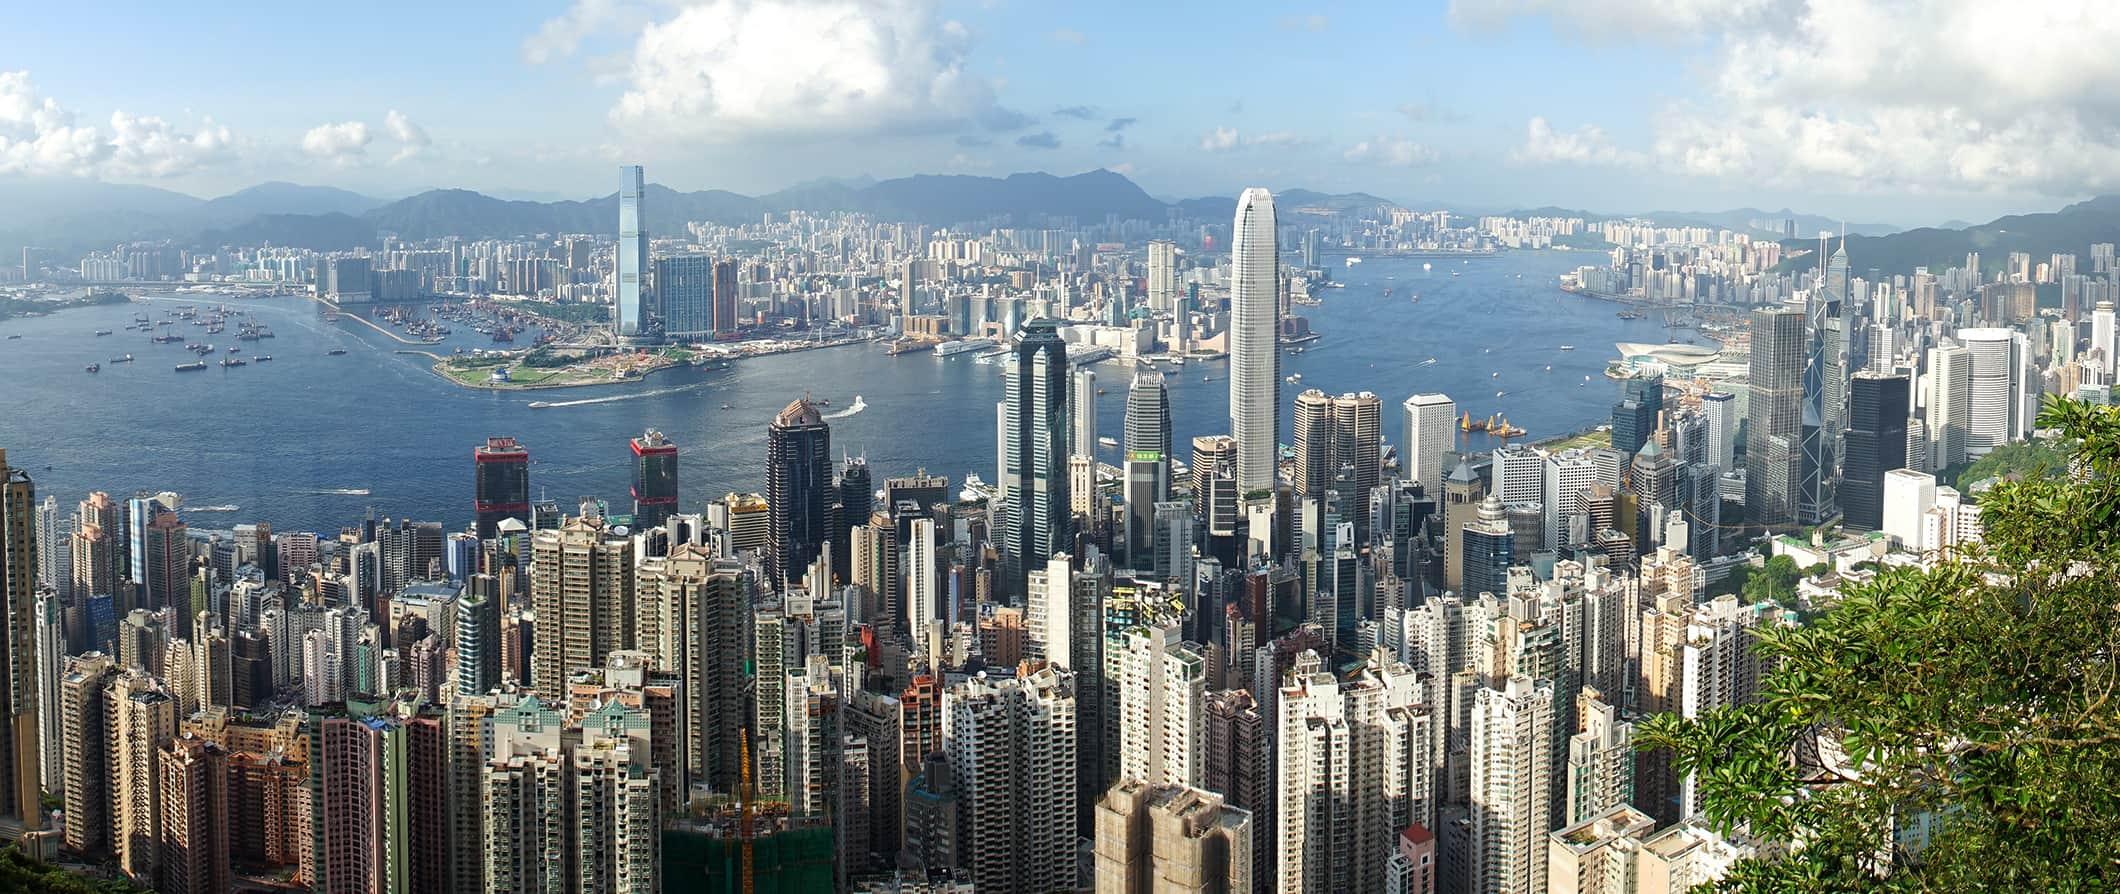 Hong Kong's stunning skyline